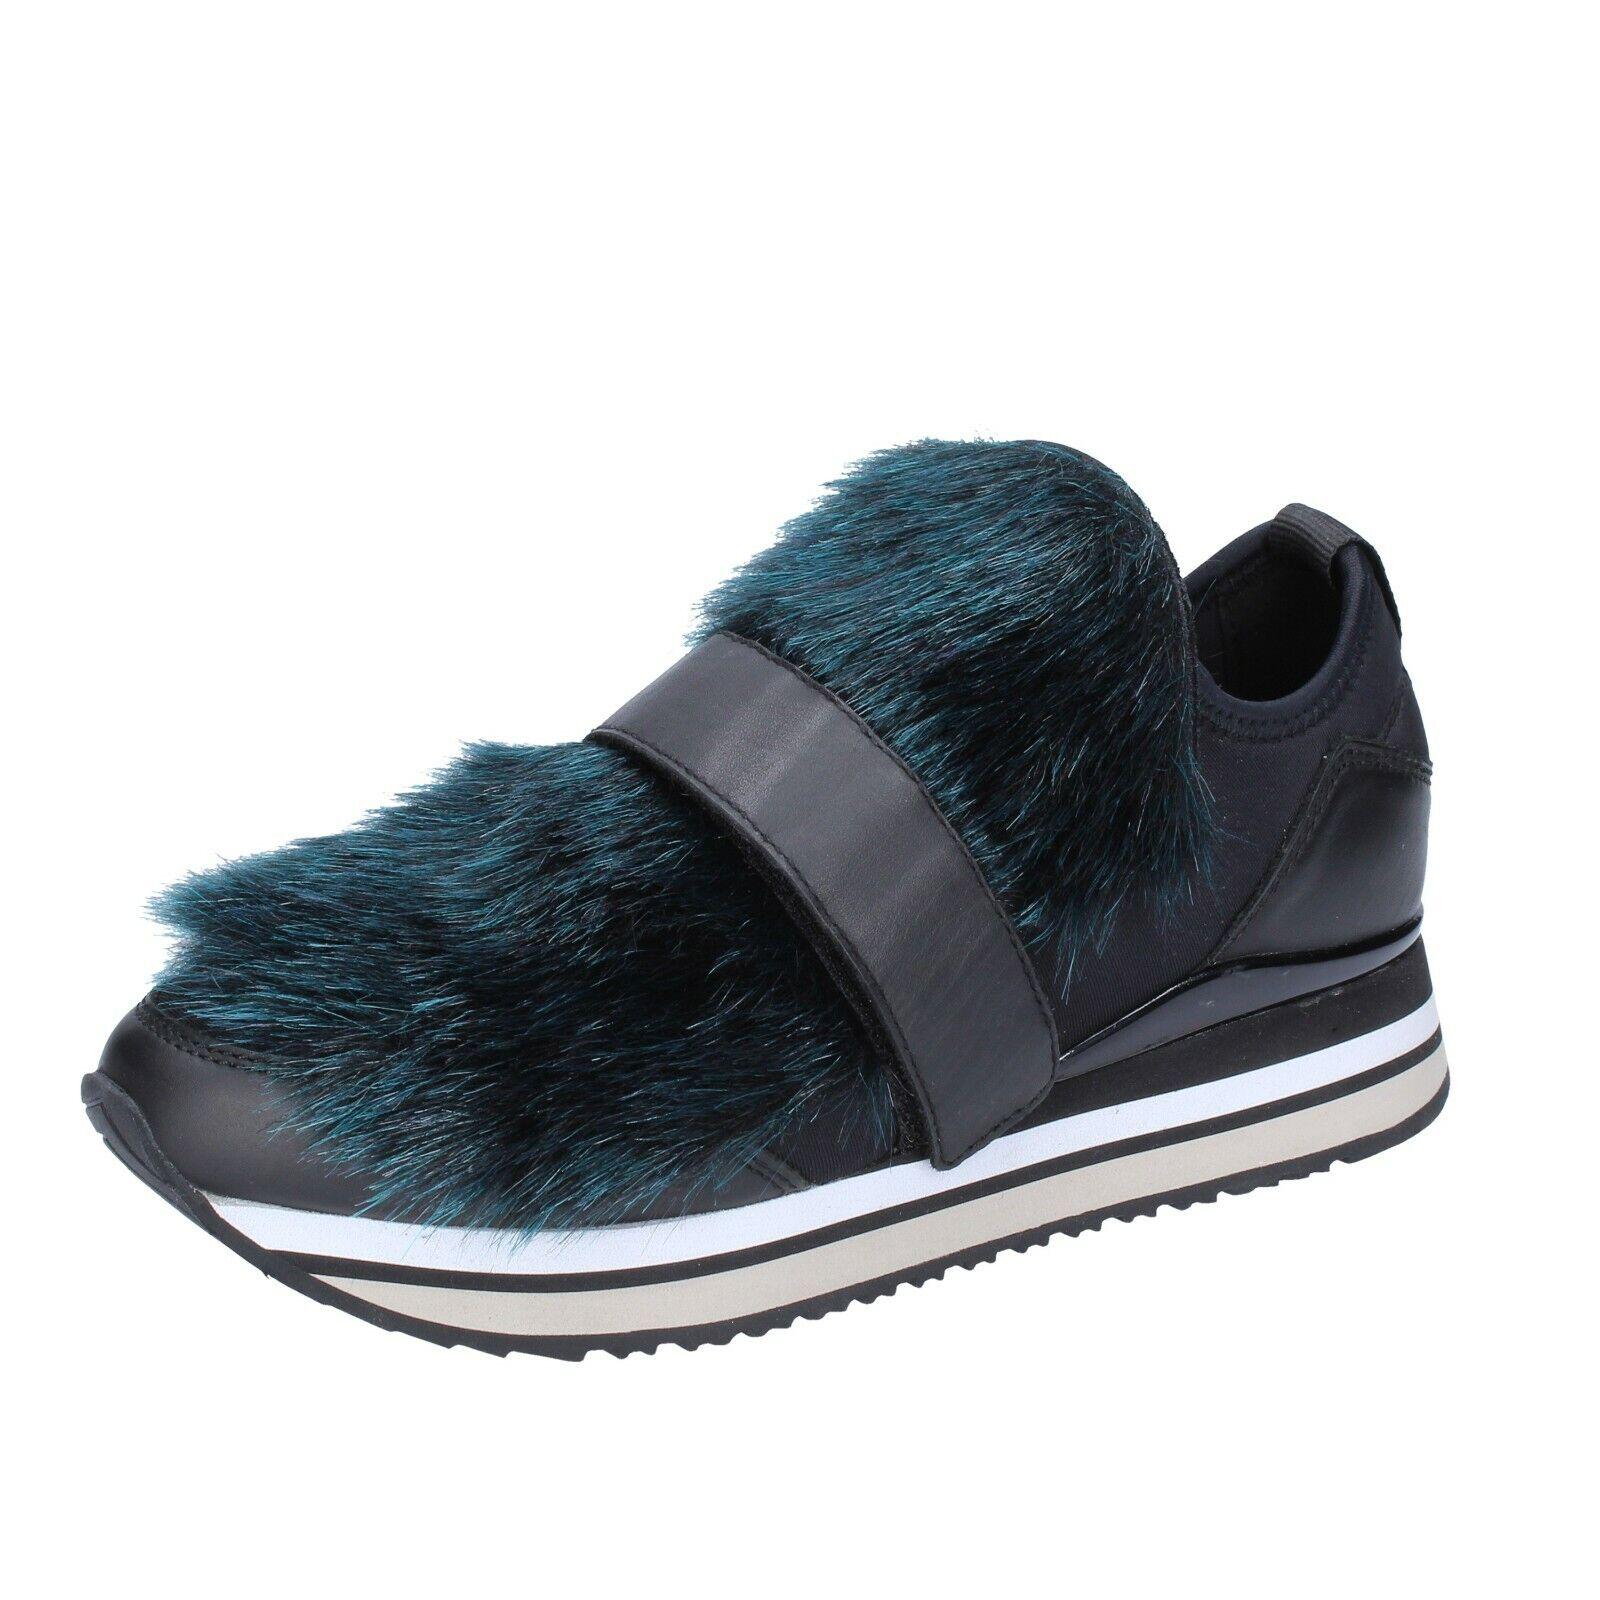 Chaussures Femmes crime Londres 39 UE Slip on Noir Textile Cuir Fourrure bs950-39